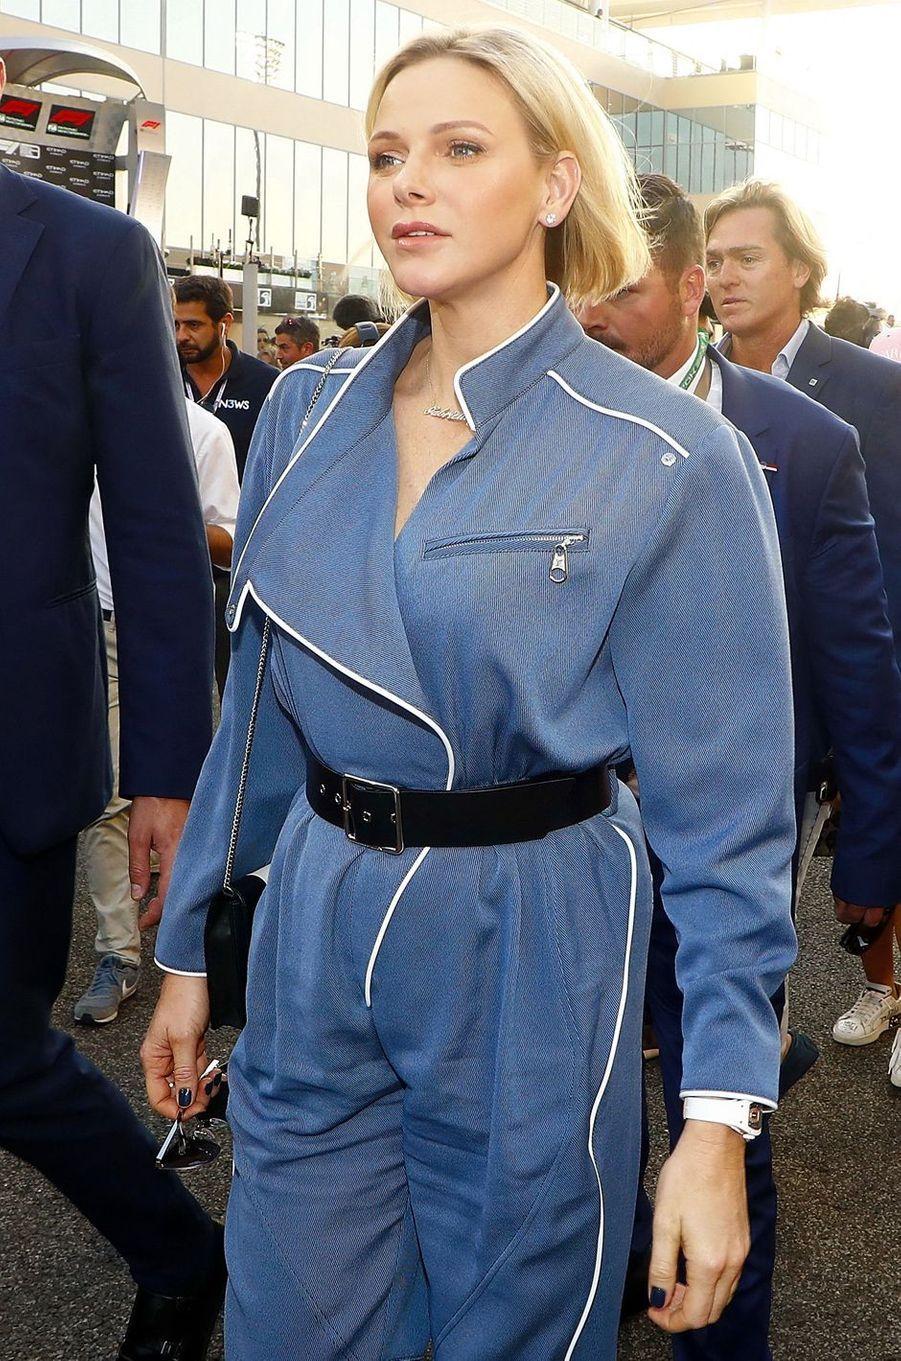 La princesse Charlène de Monaco au Grand Prix de F1 à Abu Dhabi, le 1er décembre 2019